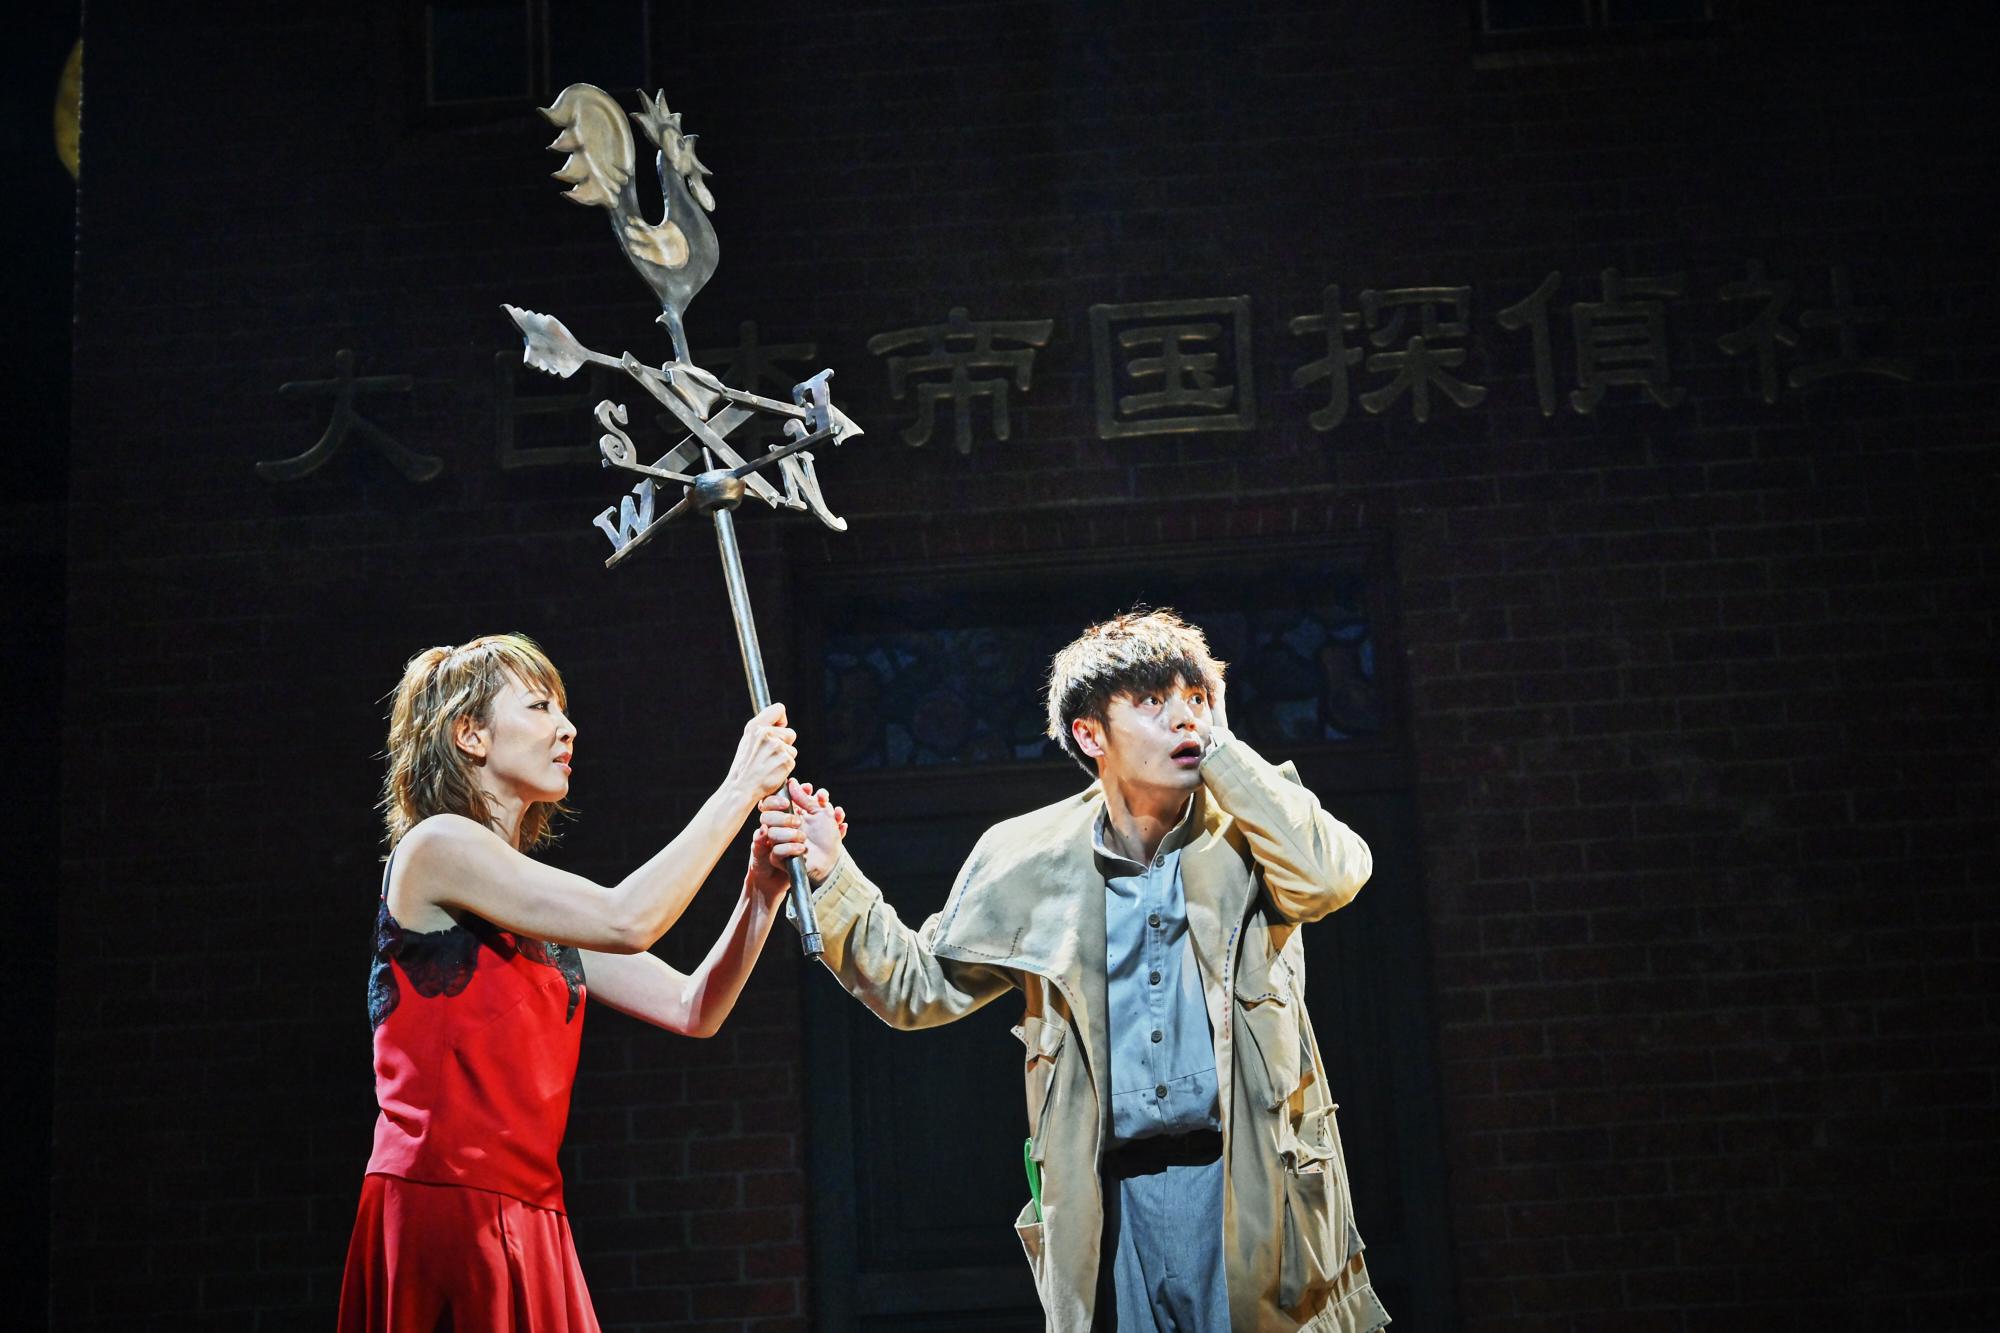 唐版 風の又三郎舞台写真2